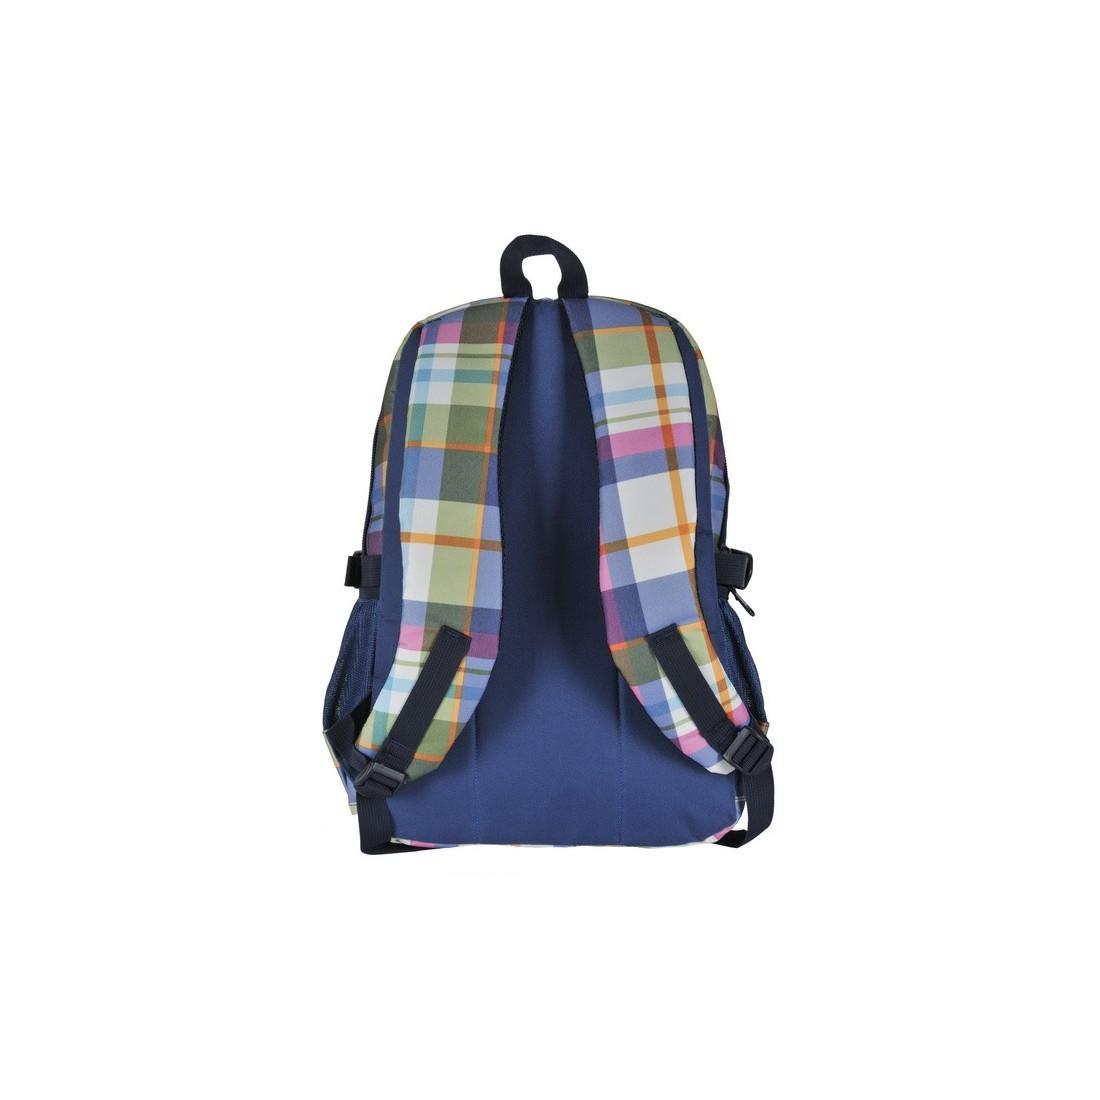 Plecak młodzieżowy w pastelową kratę - plecak-tornister.pl